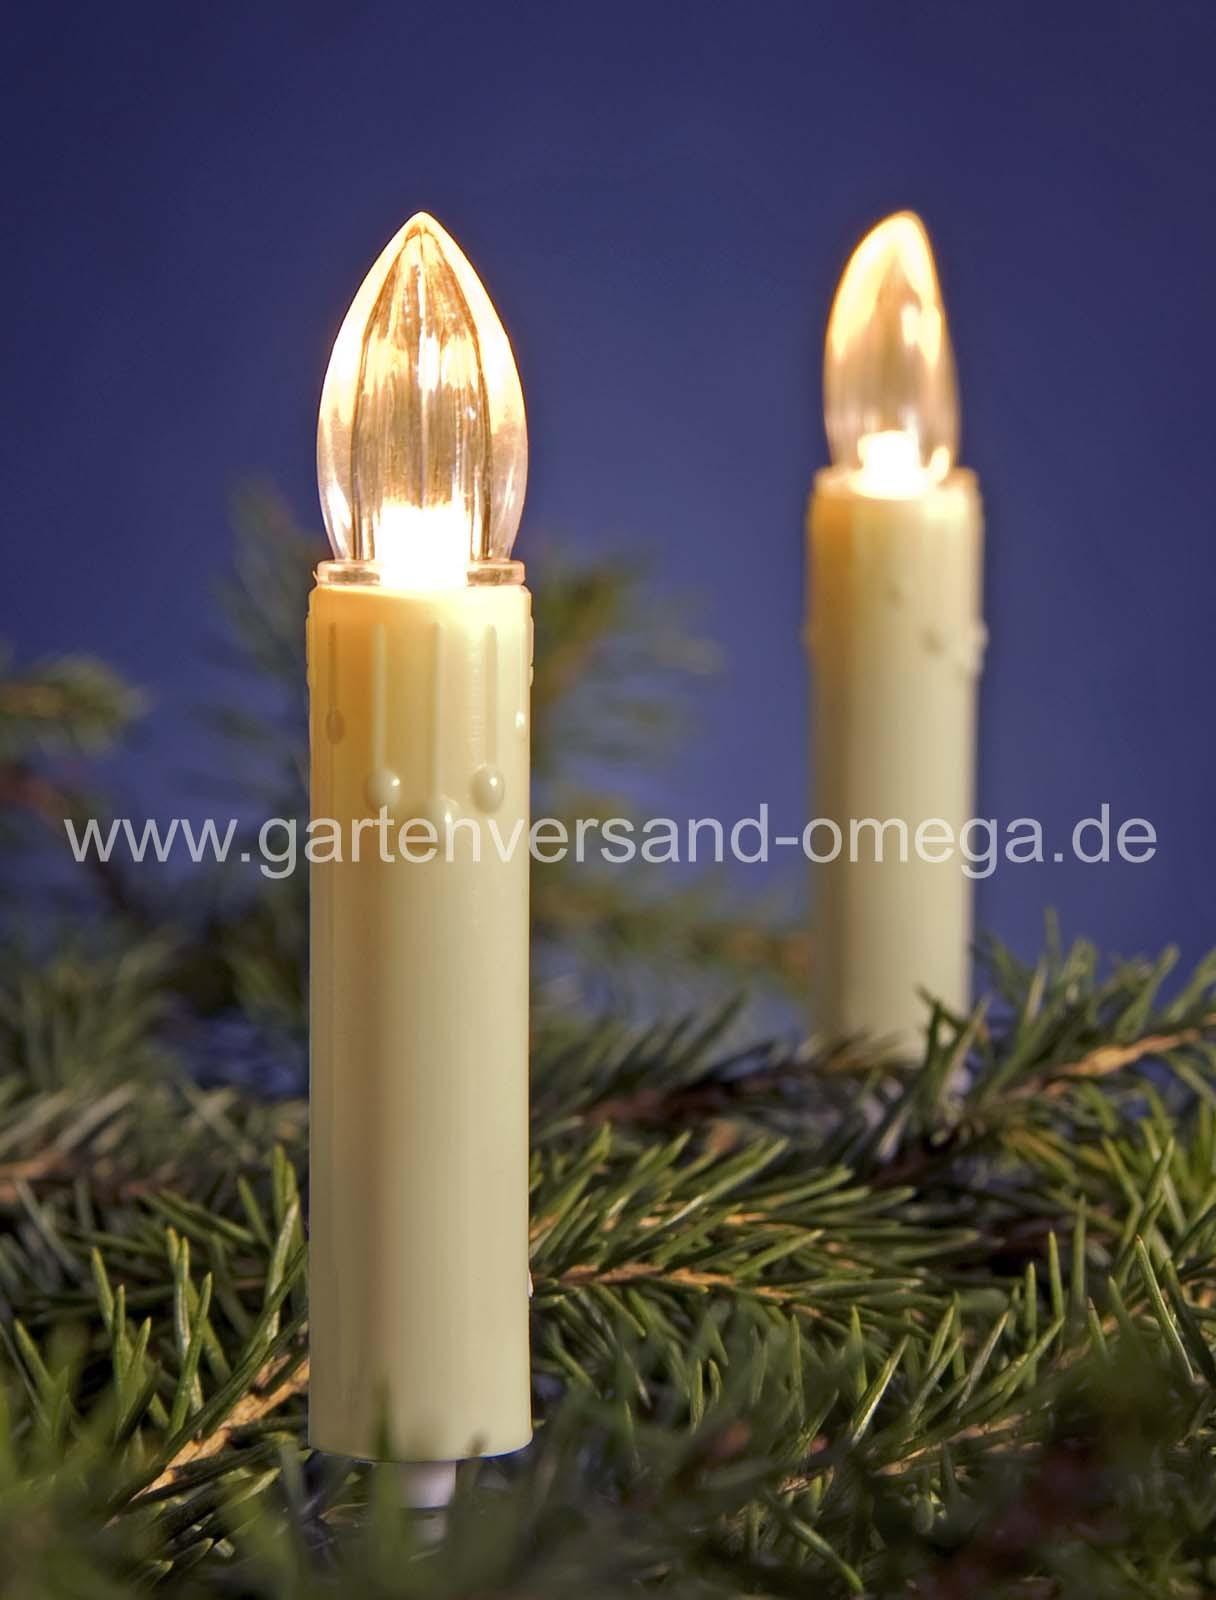 led lichterkette mit wachstropfen wachstropfenkette preiswerte led weihnachtsbeleuchtung led. Black Bedroom Furniture Sets. Home Design Ideas